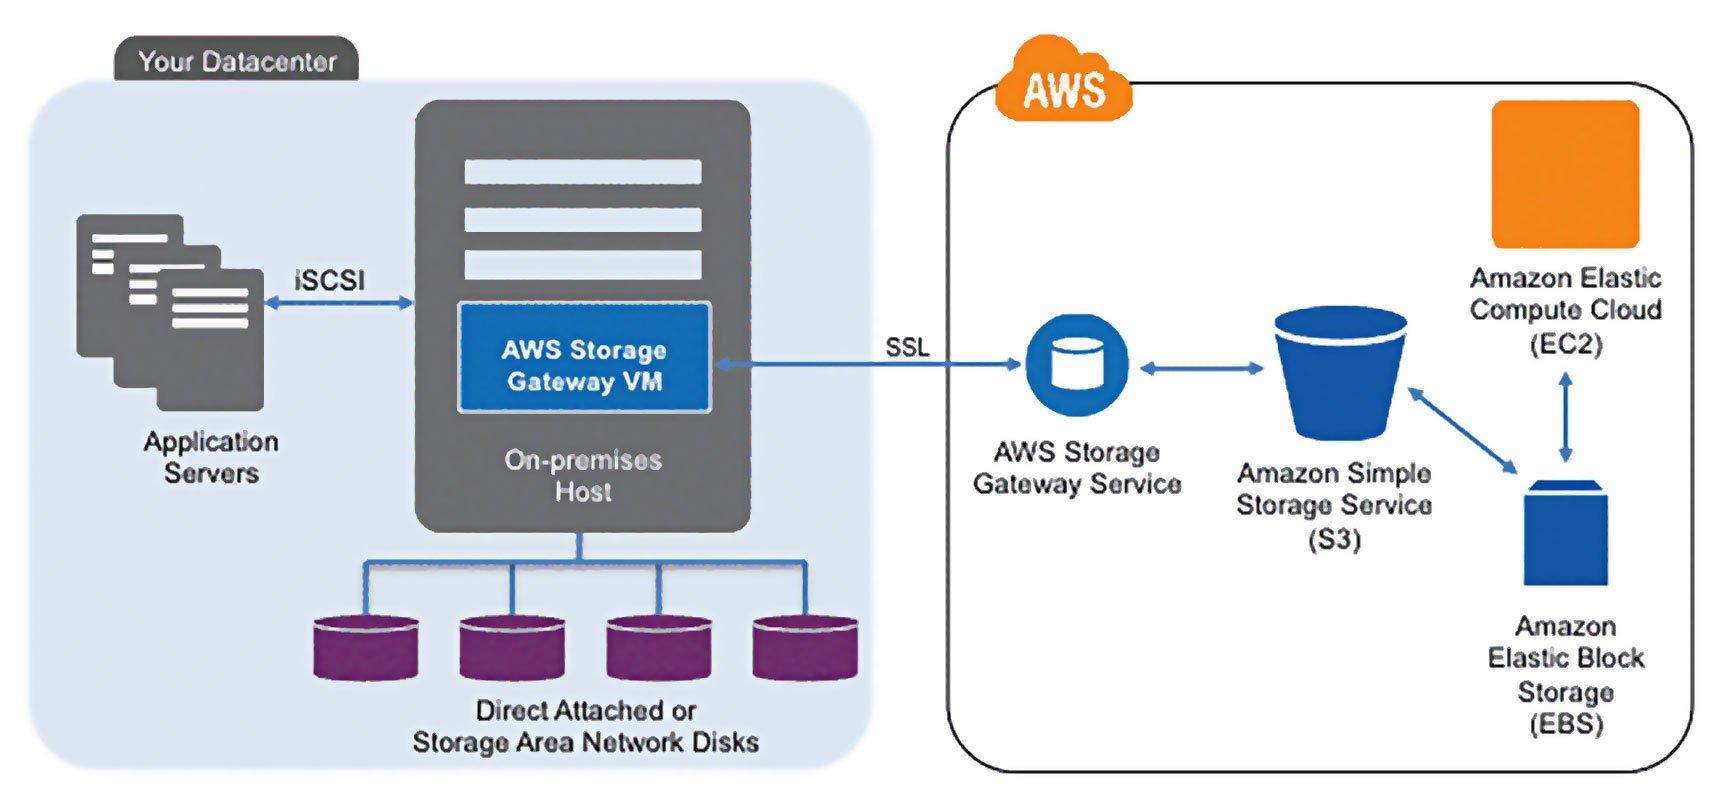 DataCenter-AWS-image